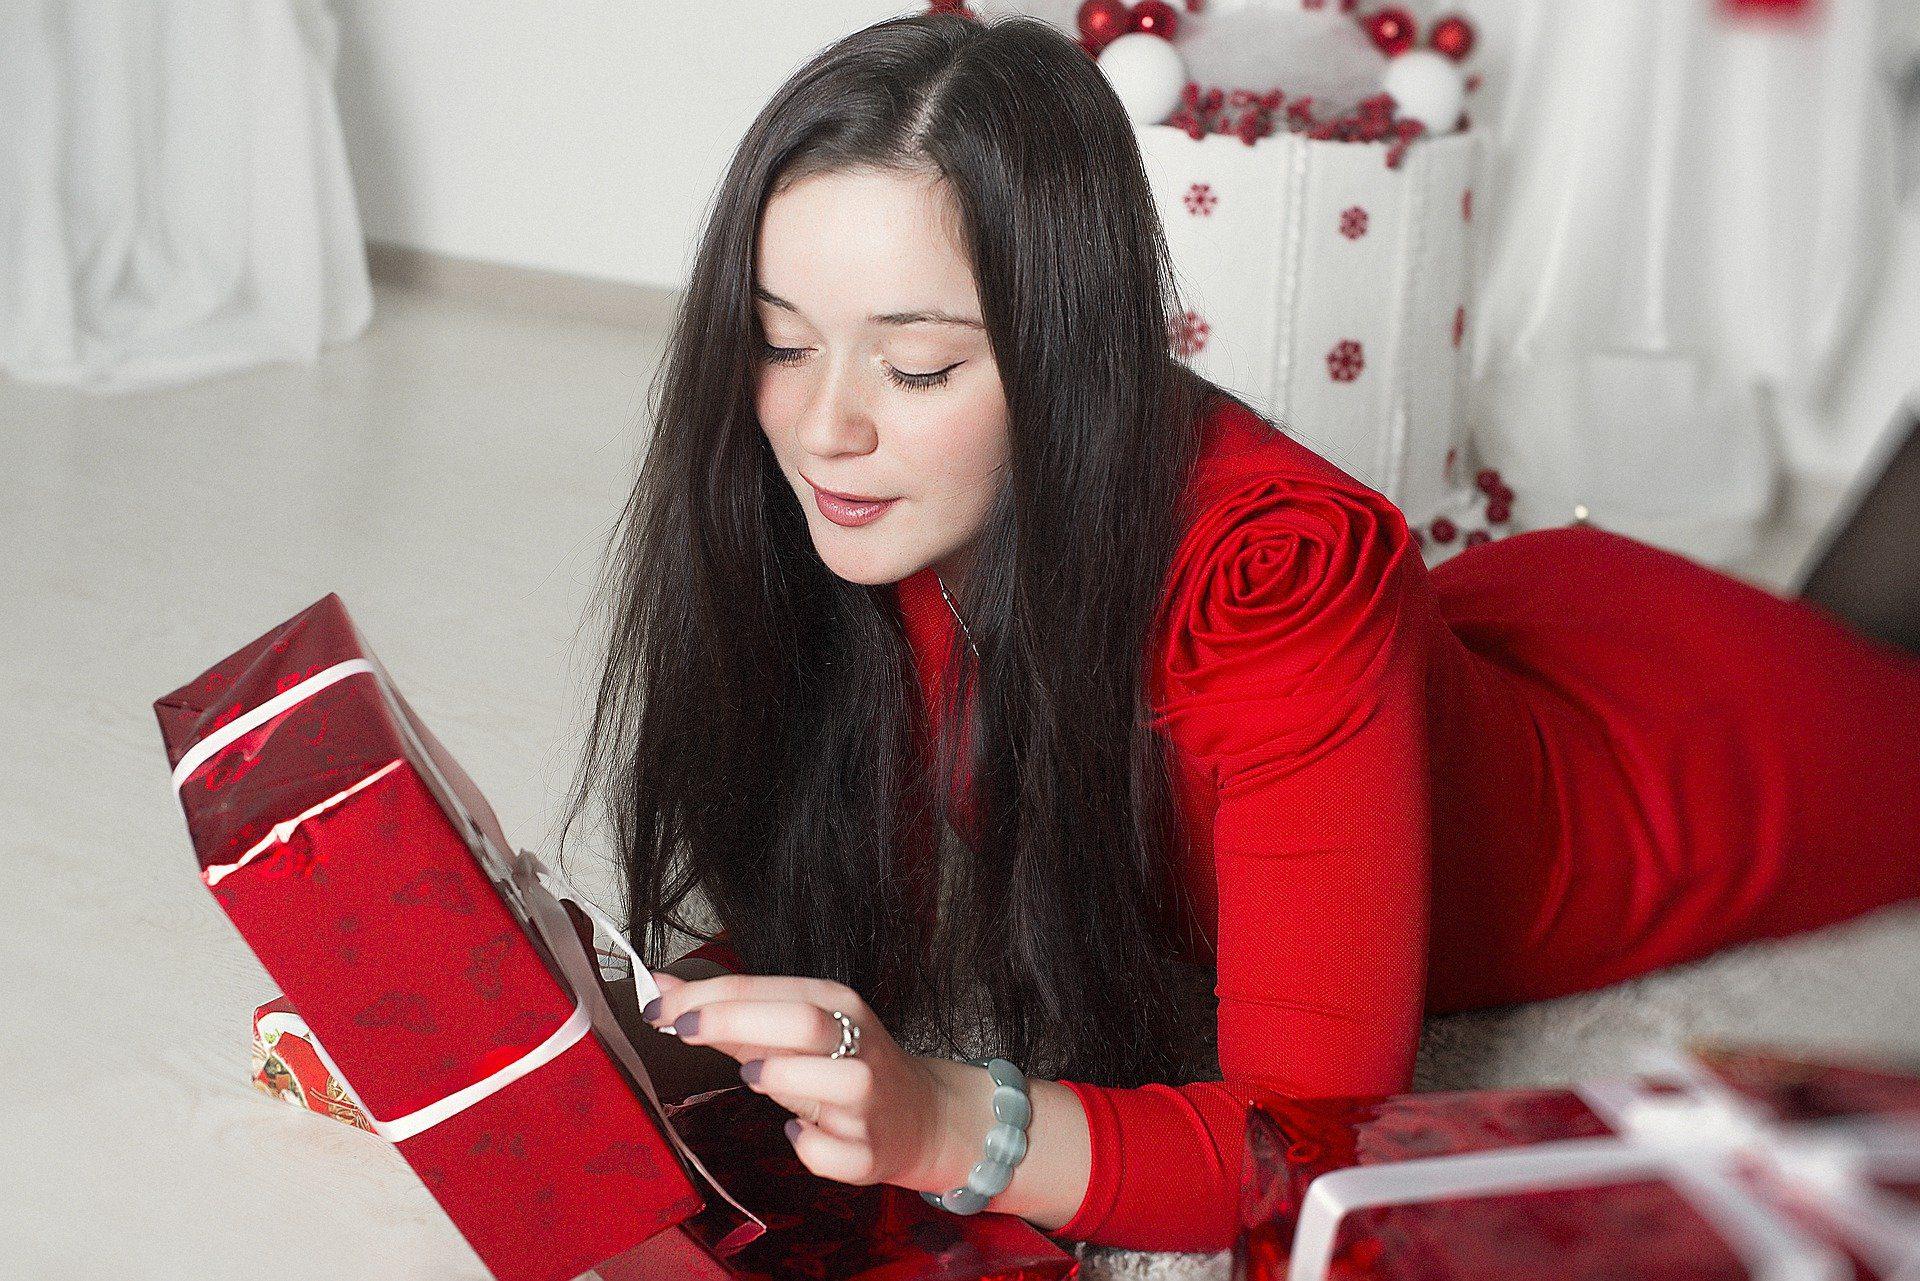 クリスマス後に大量出品される4℃…キャバ嬢がプレゼントを貰う際の注意点は?